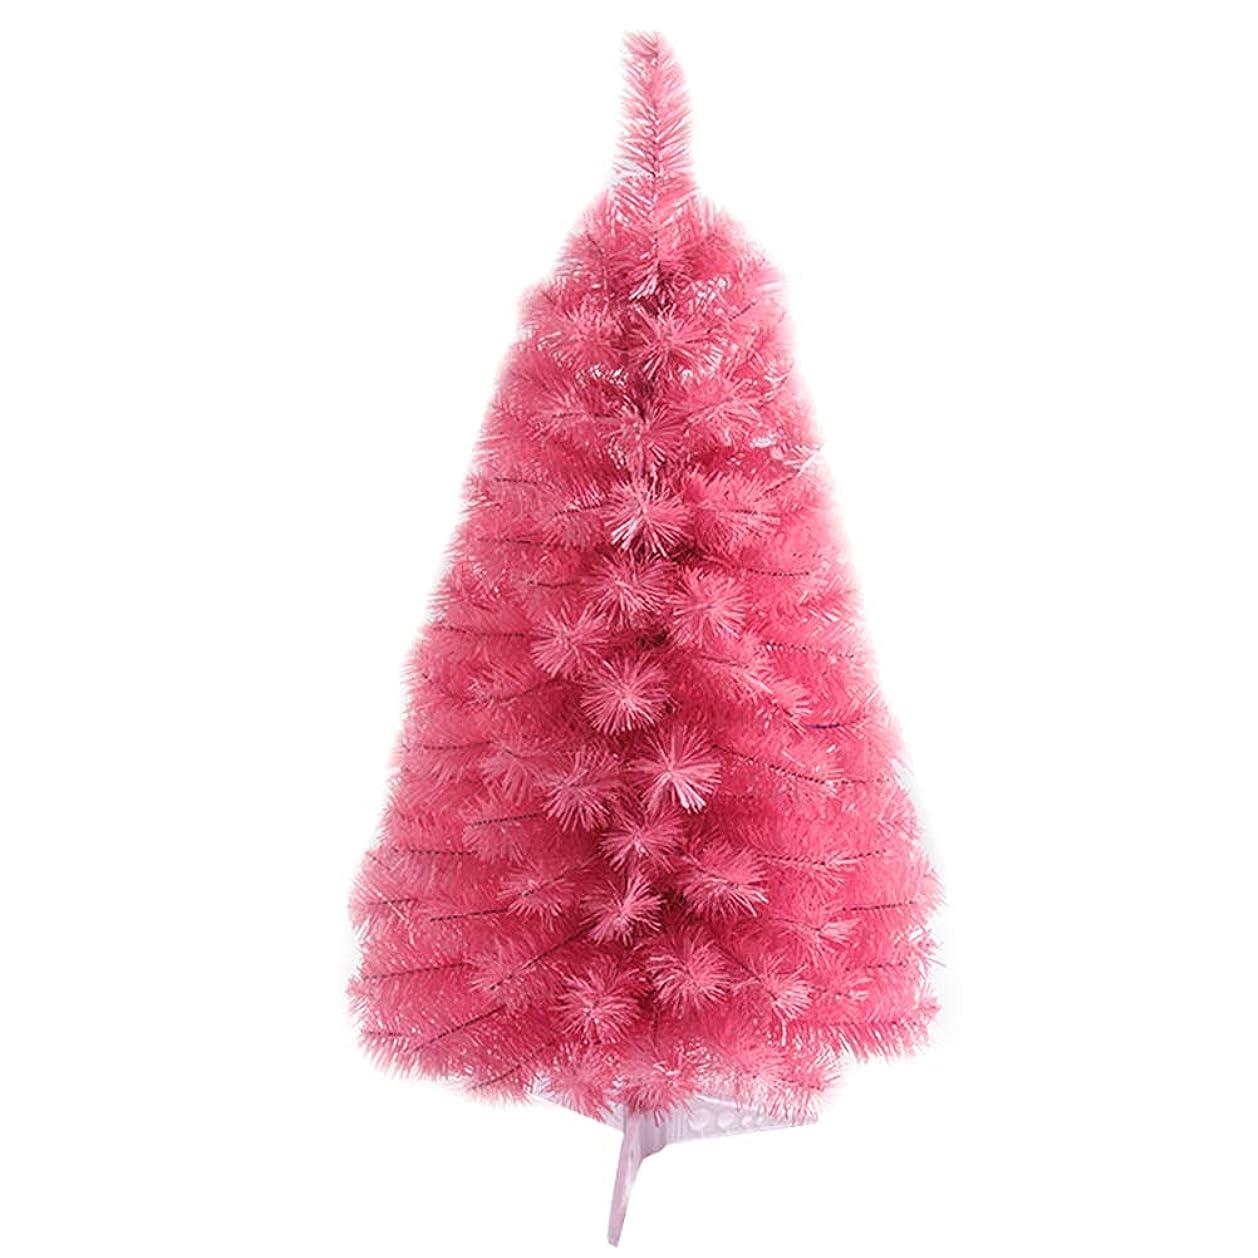 けがをする精査削減ピンクのクリスマスツリーの人工的なクリスマスツリーのお祝いの休日の装飾 60CM